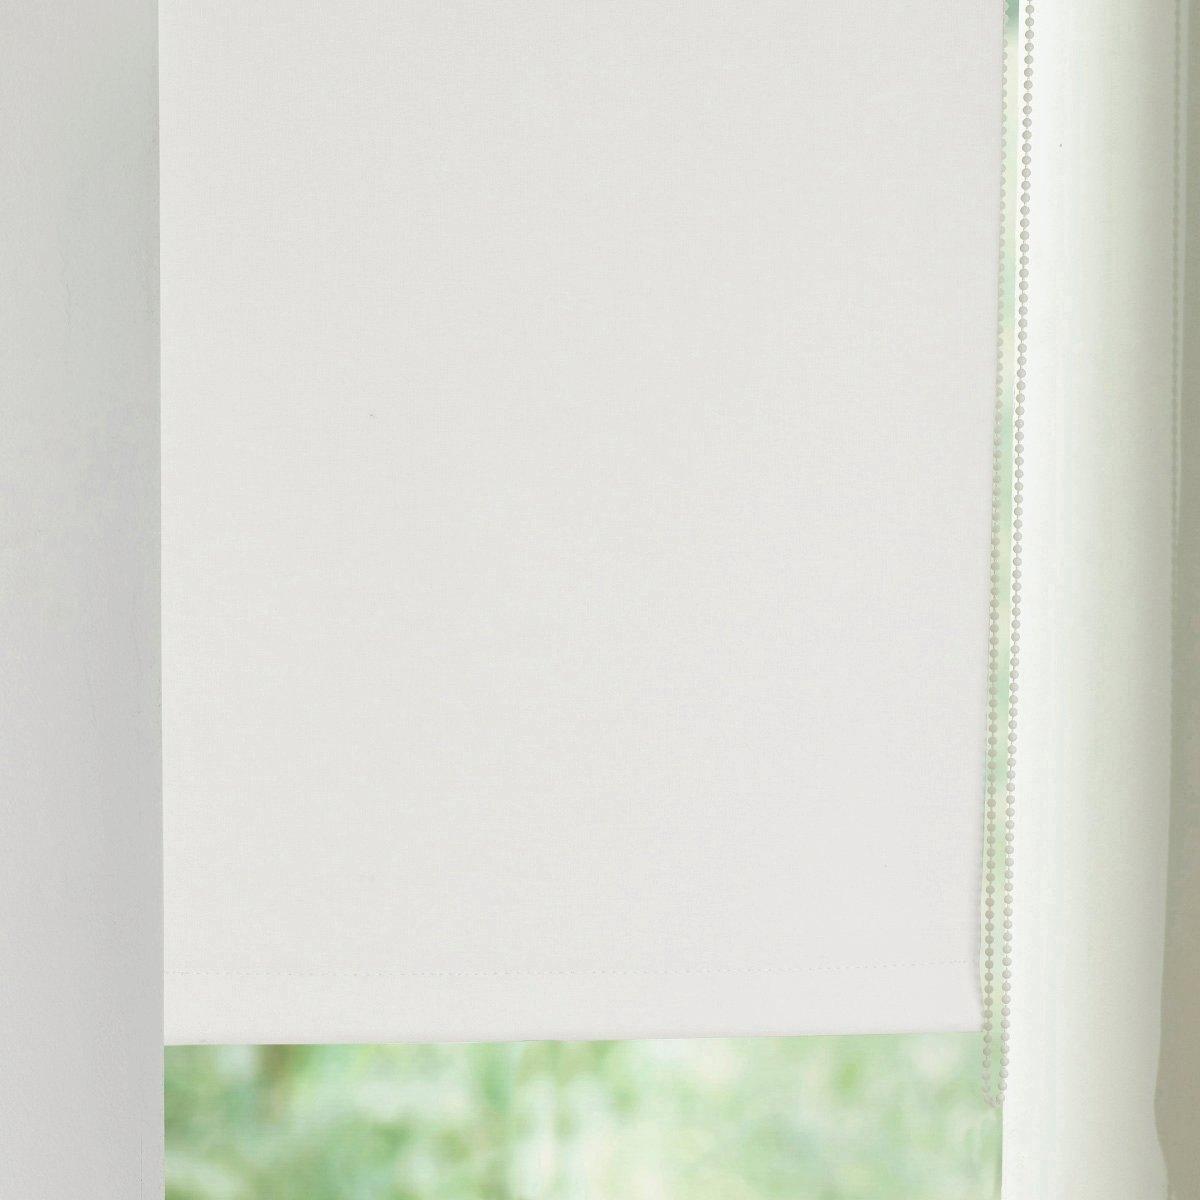 Штора рулонная, затемняющая, широкаяРулонные затемняющие шторы с лейблом Valeur S?re очень просто установить : крепление защелкой ! Характеристики рулонной затемняющей шторы :Плотная ткань из 100% полиэстера. Тяжелая рейка внизу.Для всех типов окон.Инновационная система фиксации без сверления и винтов для окон большой ширины от 52 до 107 см, подходит для окон из ПВХ.Длина регулируется механизмом с цепочкой.Можно отрезать по ширине.Высота: 170 см.Набор креплений для деревянных и алюминиевых окон не входит в комплект.Знак Oeko-Tex® гарантирует отсутствие вредных для здоровья веществ в протестированных и сертифицированных артикулах .<br><br>Цвет: белый,красный,розовый,серо-бежевый,серо-коричневый каштан,серо-синий,серый мышиный,сине-зеленый,черный,ярко-фиолетовый<br>Размер: 170 x 62 см.170 x 107 см.170 x 62 см.170 x 107 см